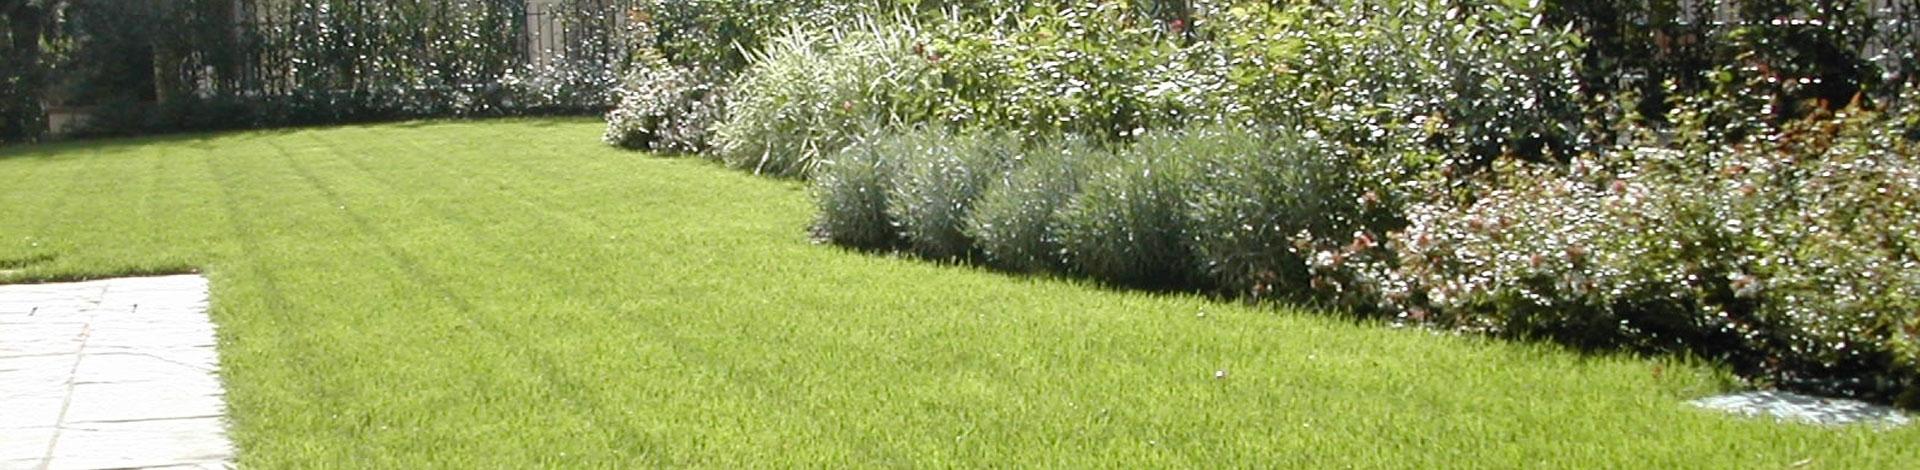 Giardini sospesi realizzazione giardini pensili verde for Realizzazione giardini pensili